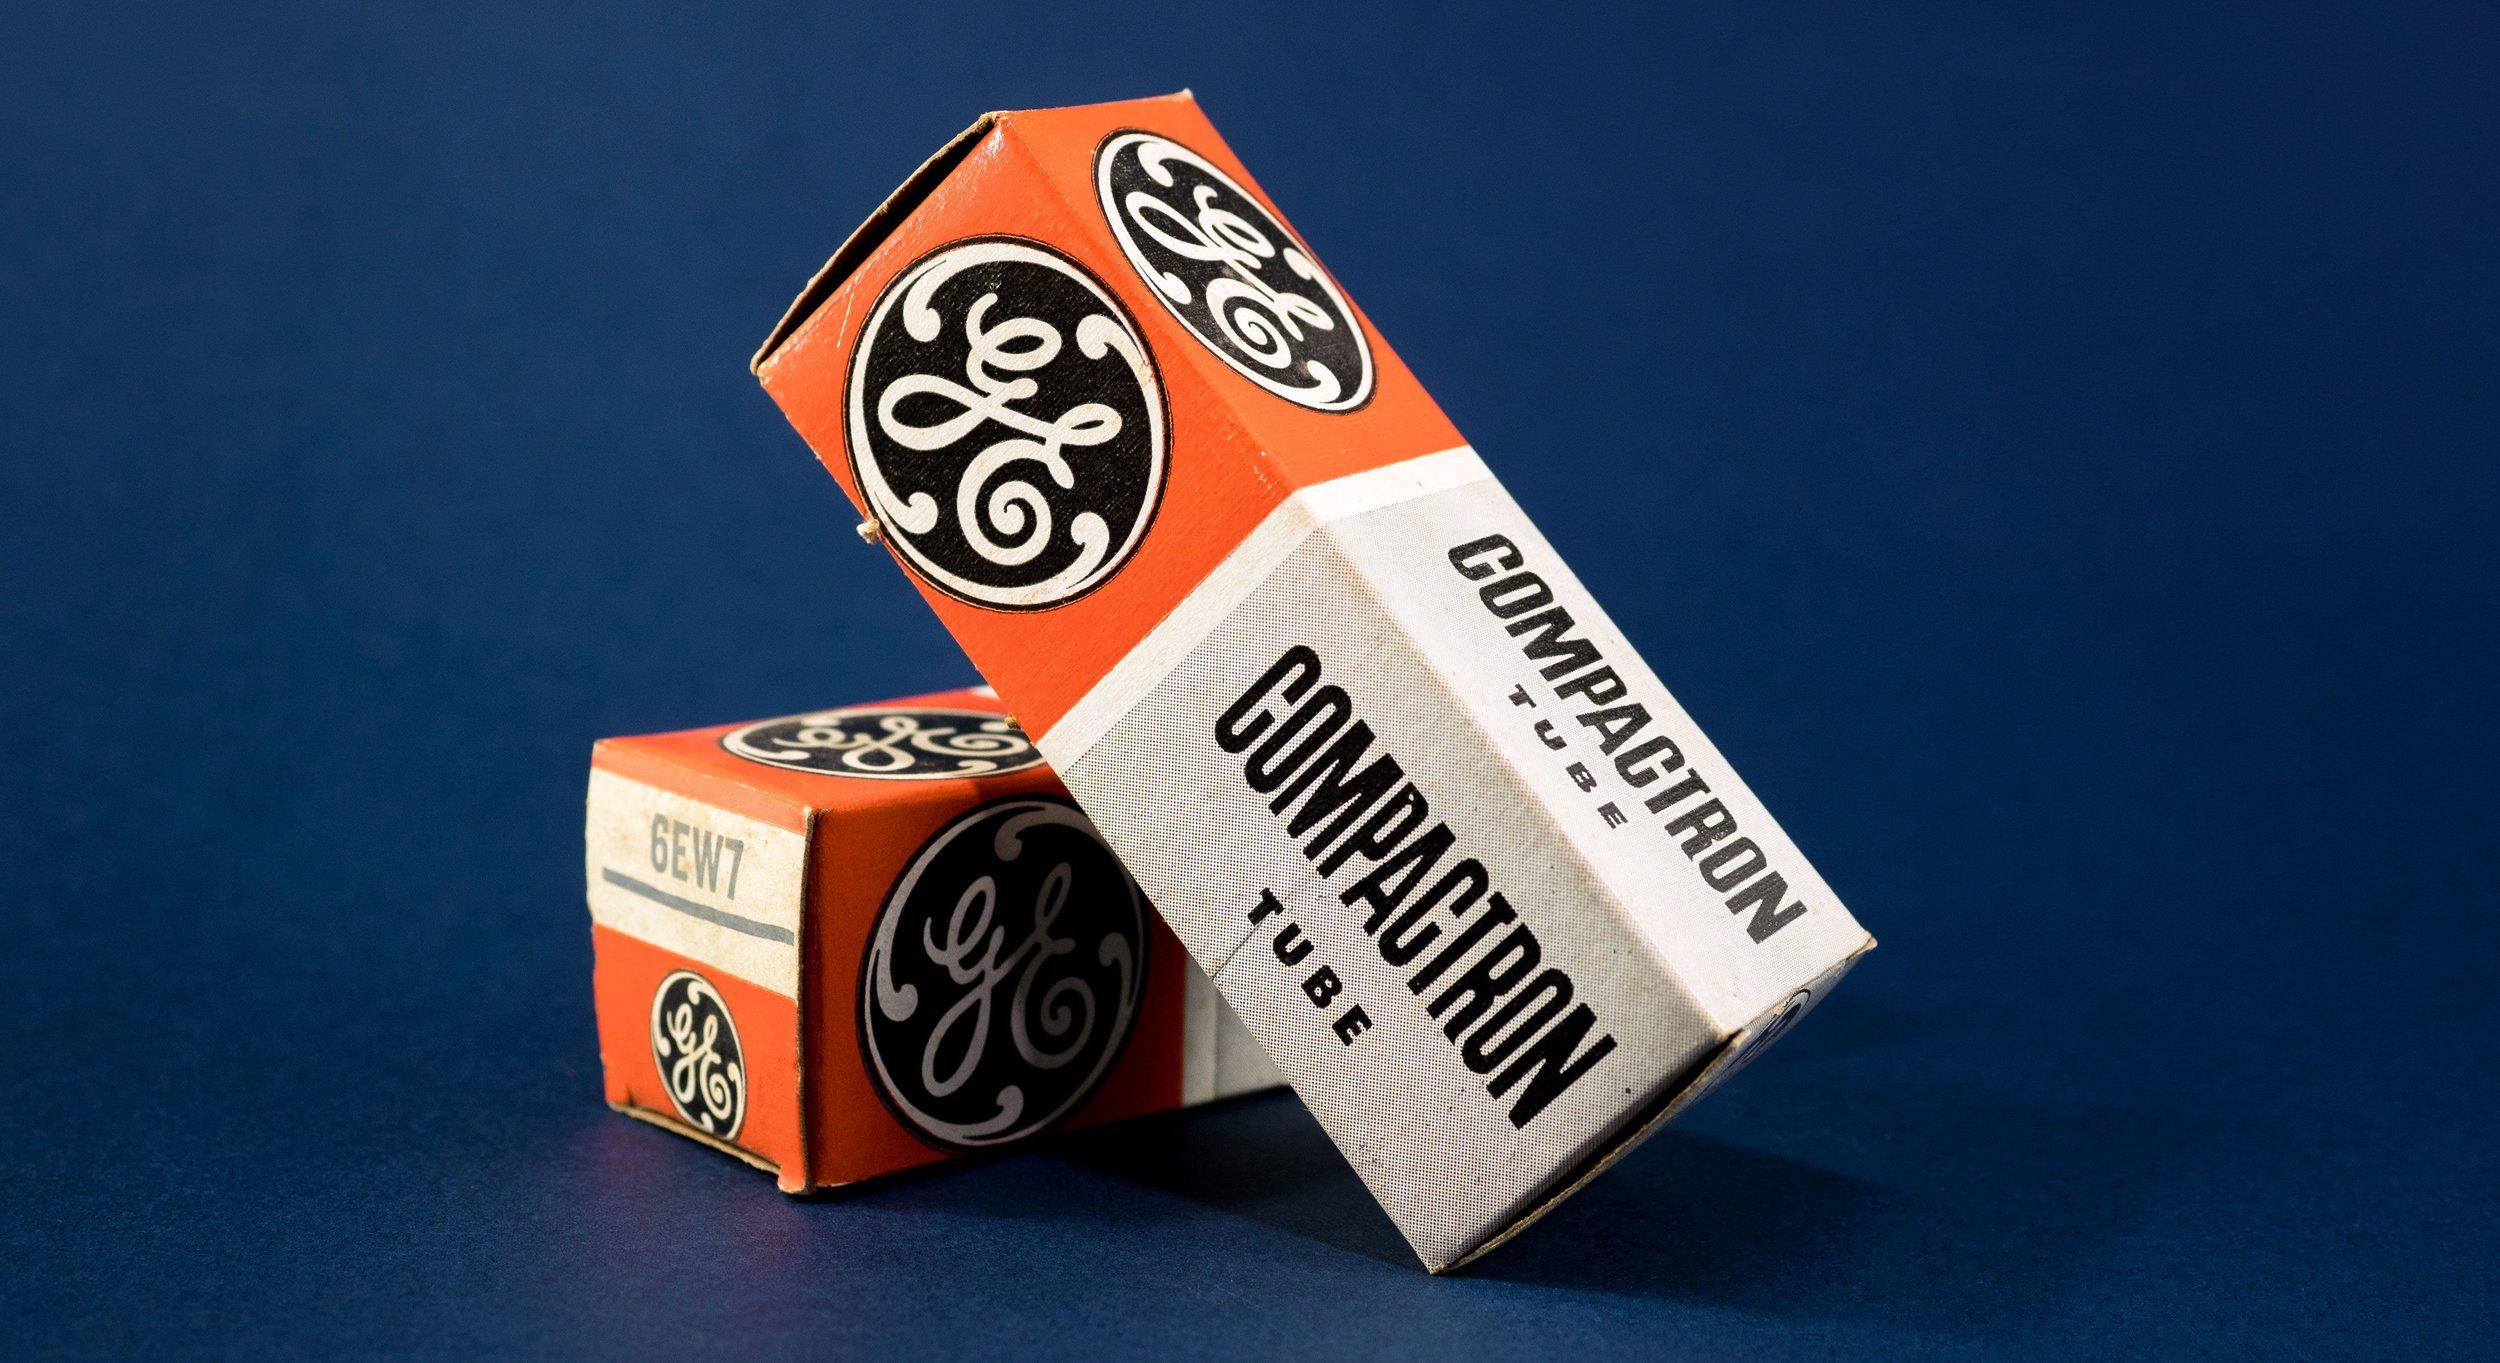 vintage-ge-compactron-vacuum-tube-packaging.jpg